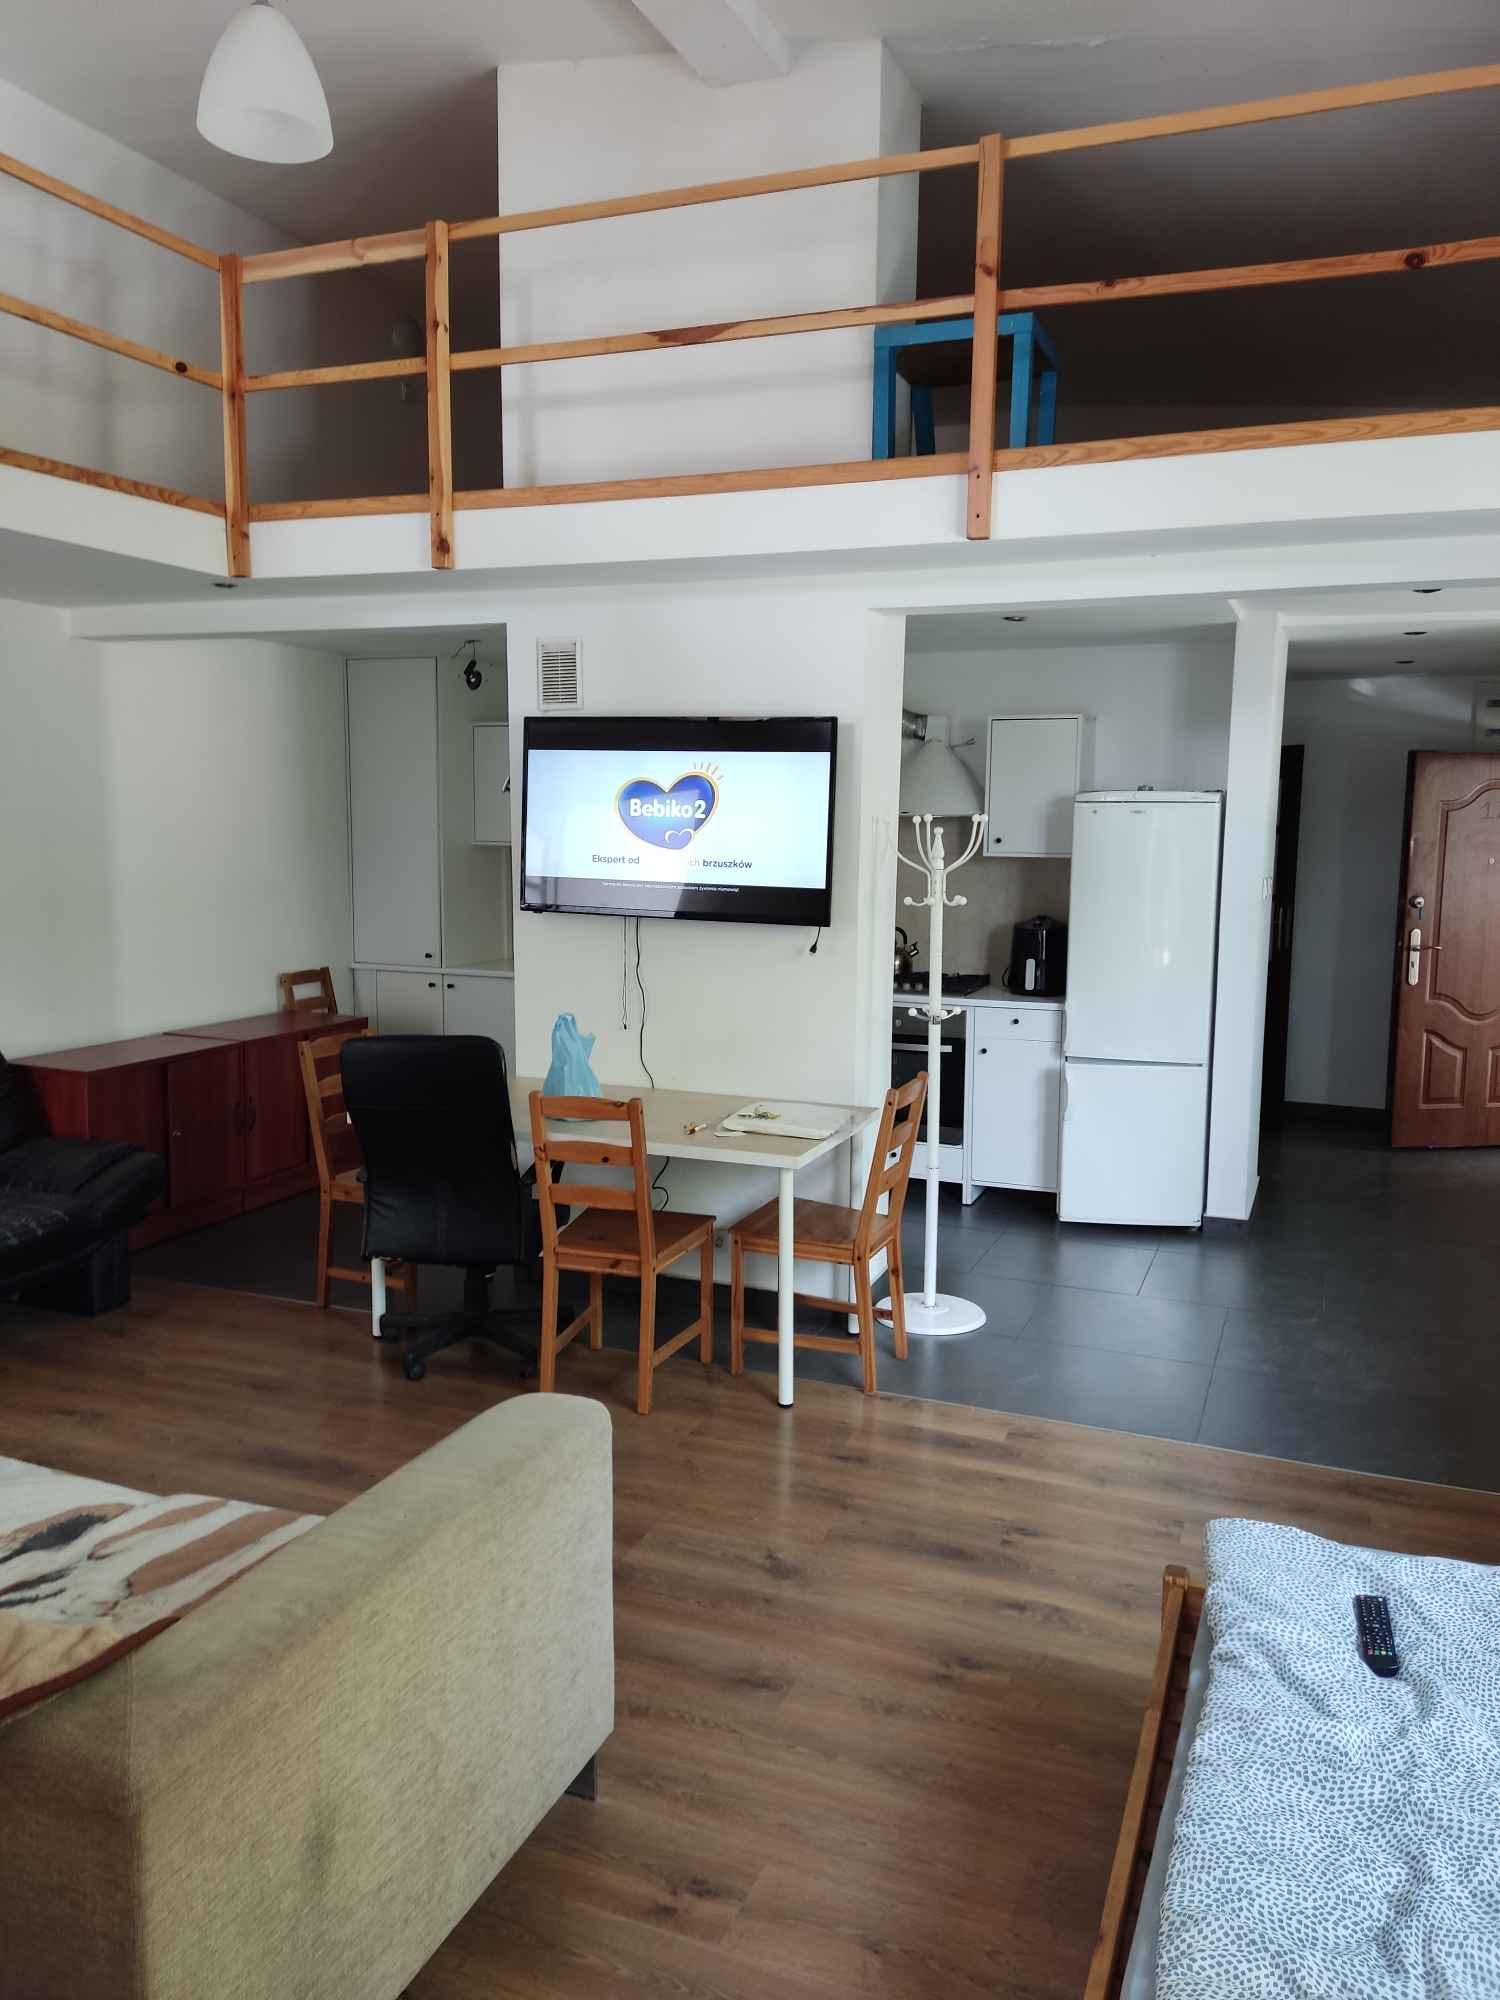 Kwatery pracownicze, noclegi, mieszkania Warka - zdjęcie 1